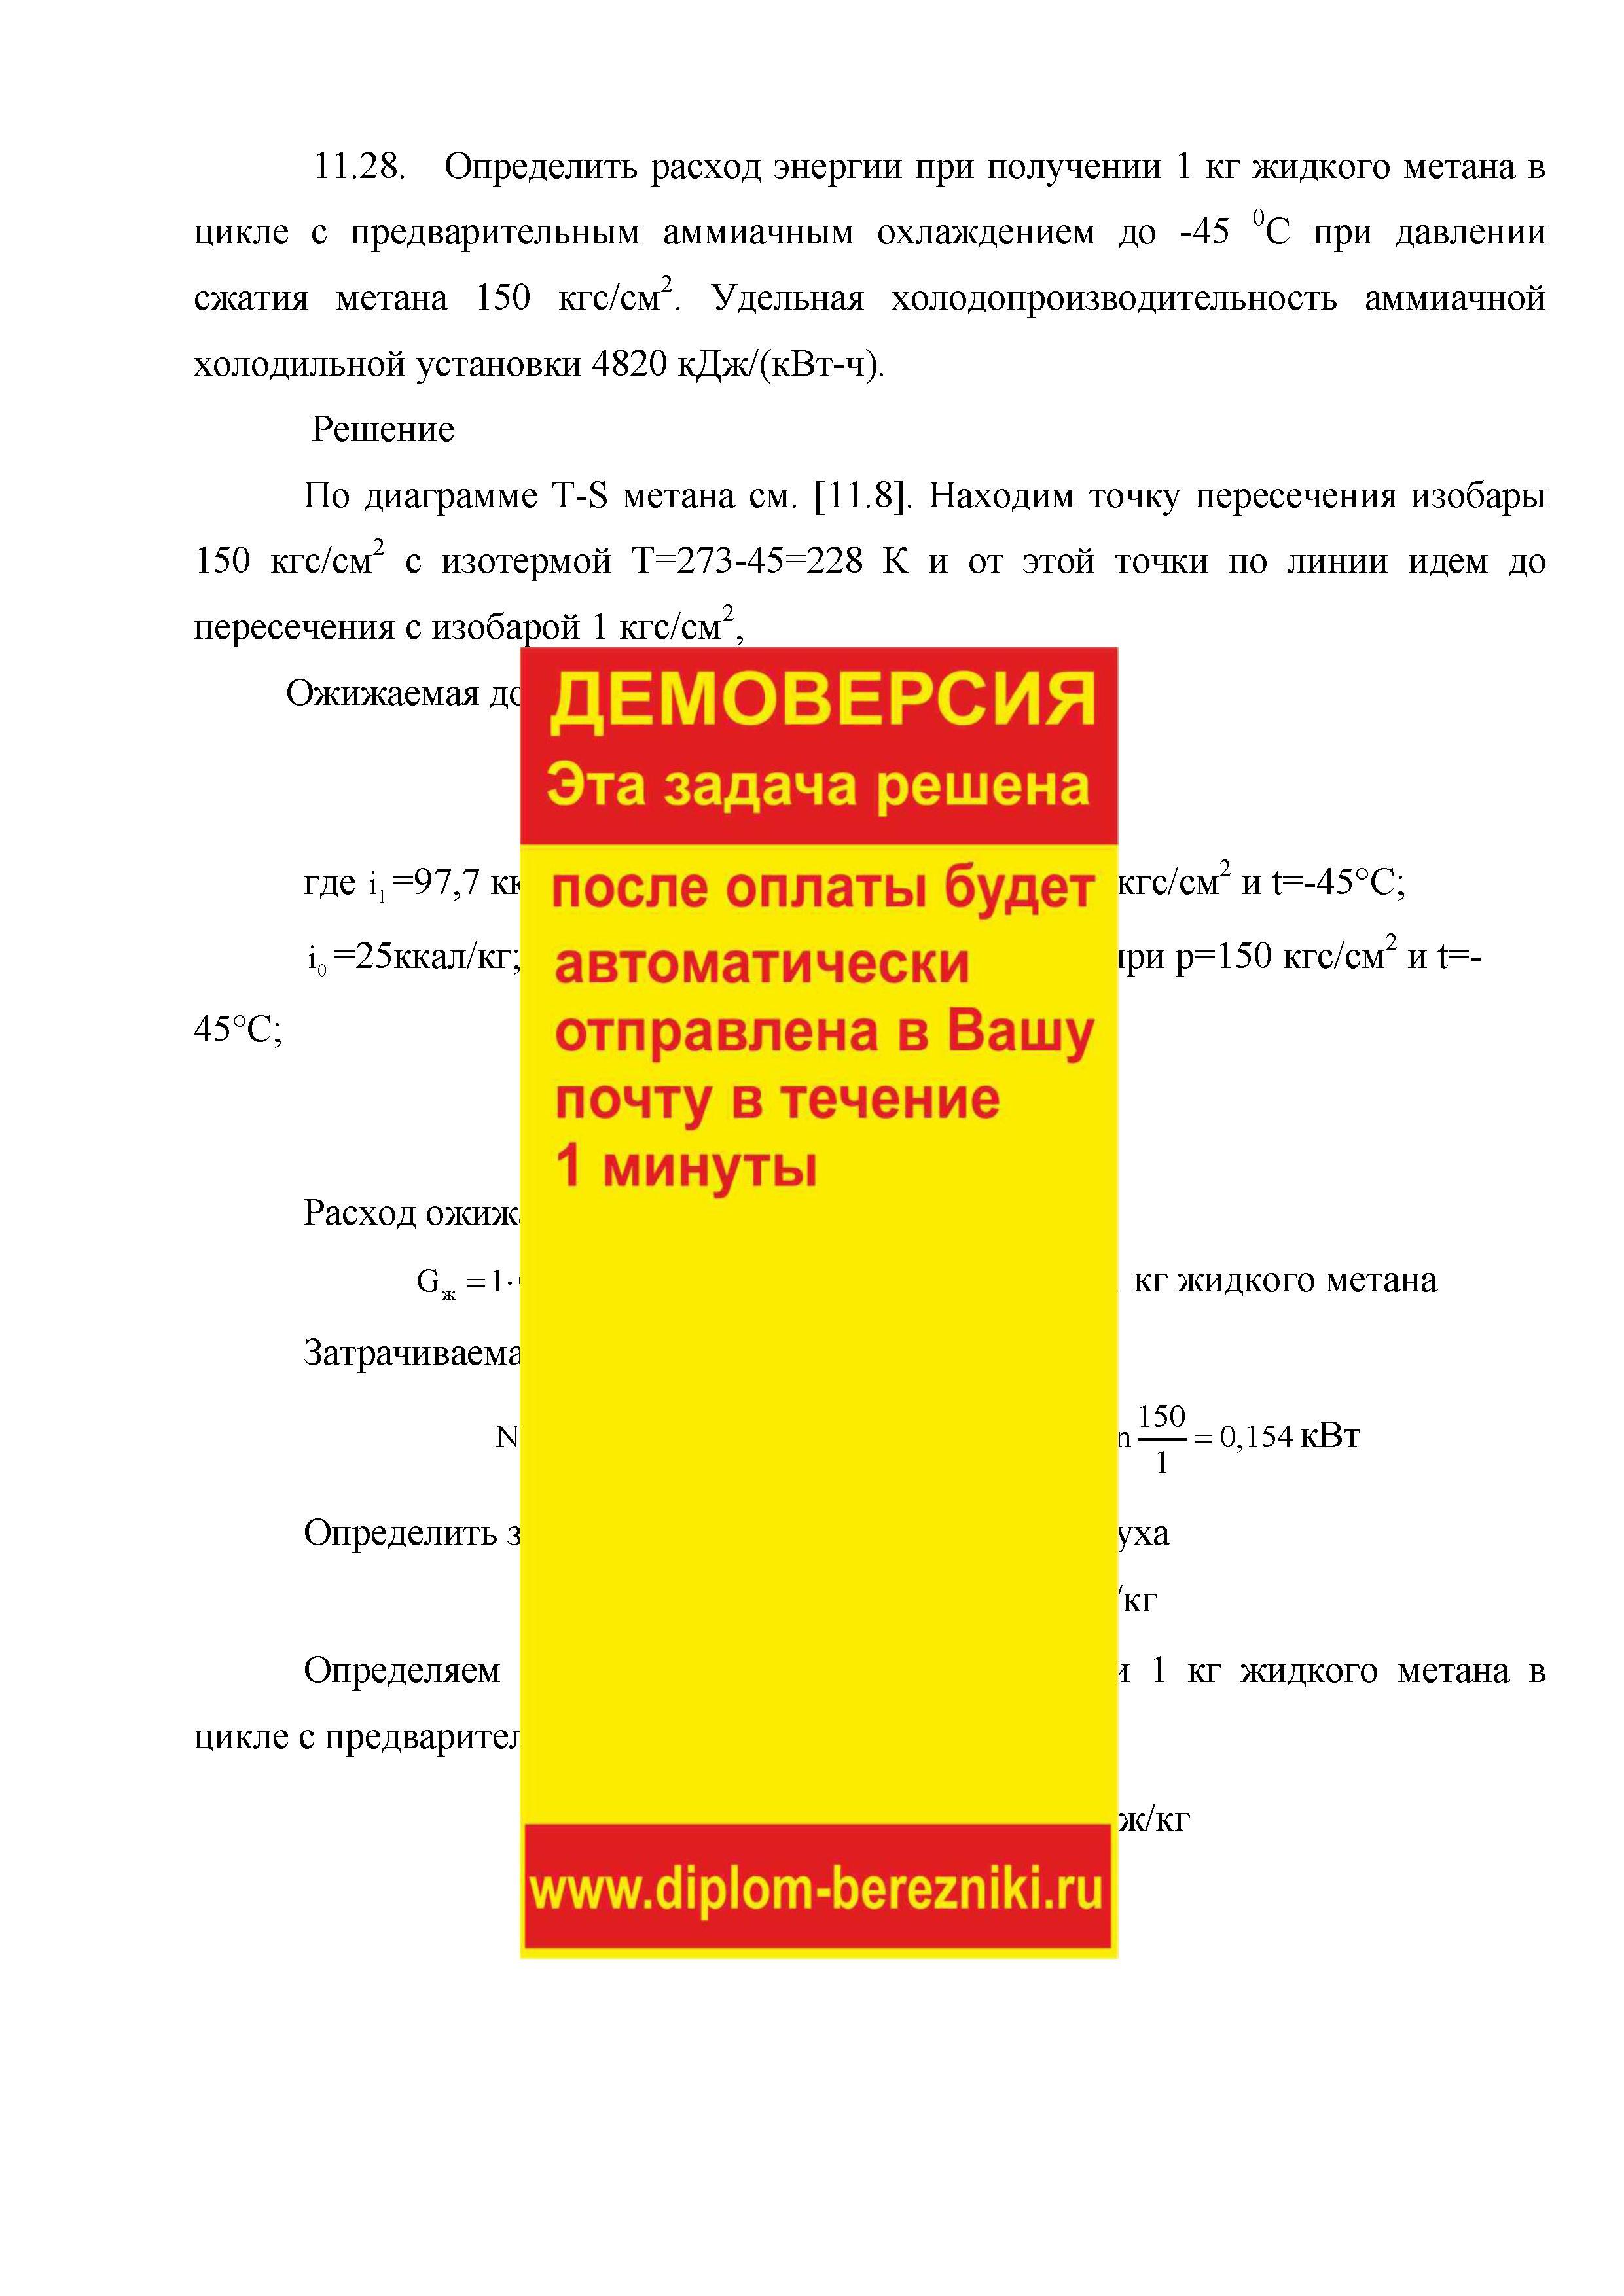 Решение задачи 11.28  по ПАХТ из задачника Павлова Романкова Носкова